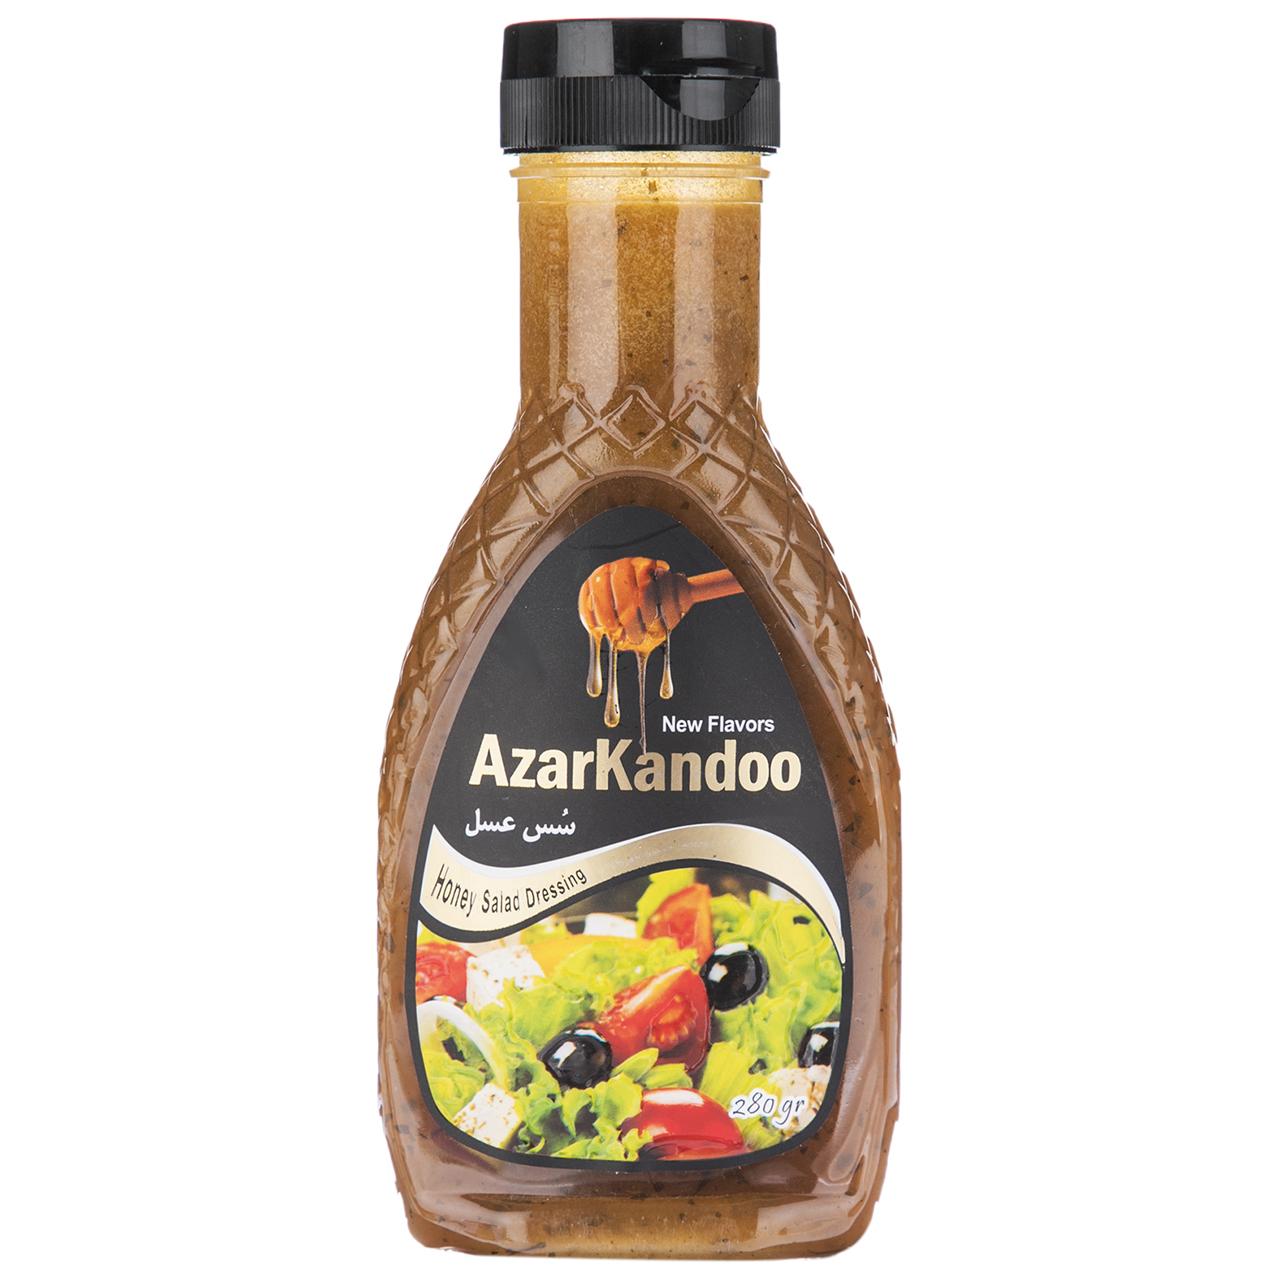 سس سالاد عسل آذرکندو مقدار 280 گرم